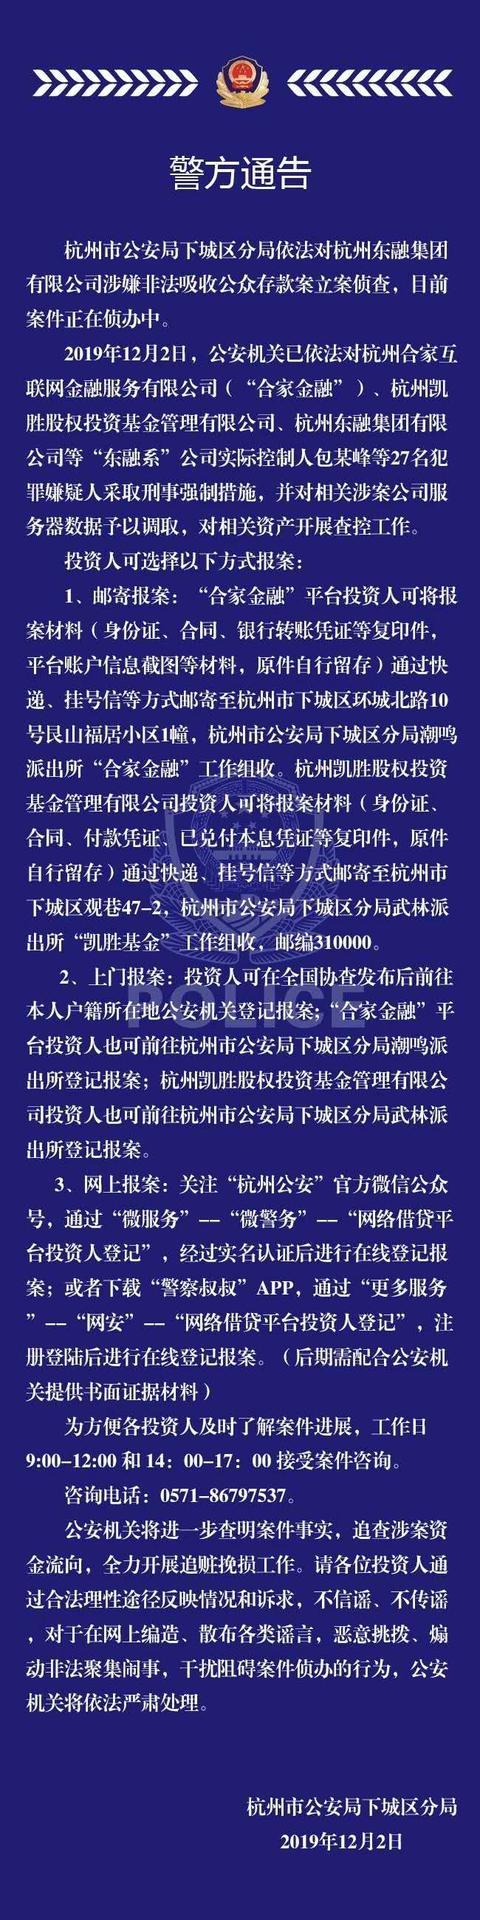 杭州东融集团涉非吸被立案侦査,实控人包某峰等27人被控制